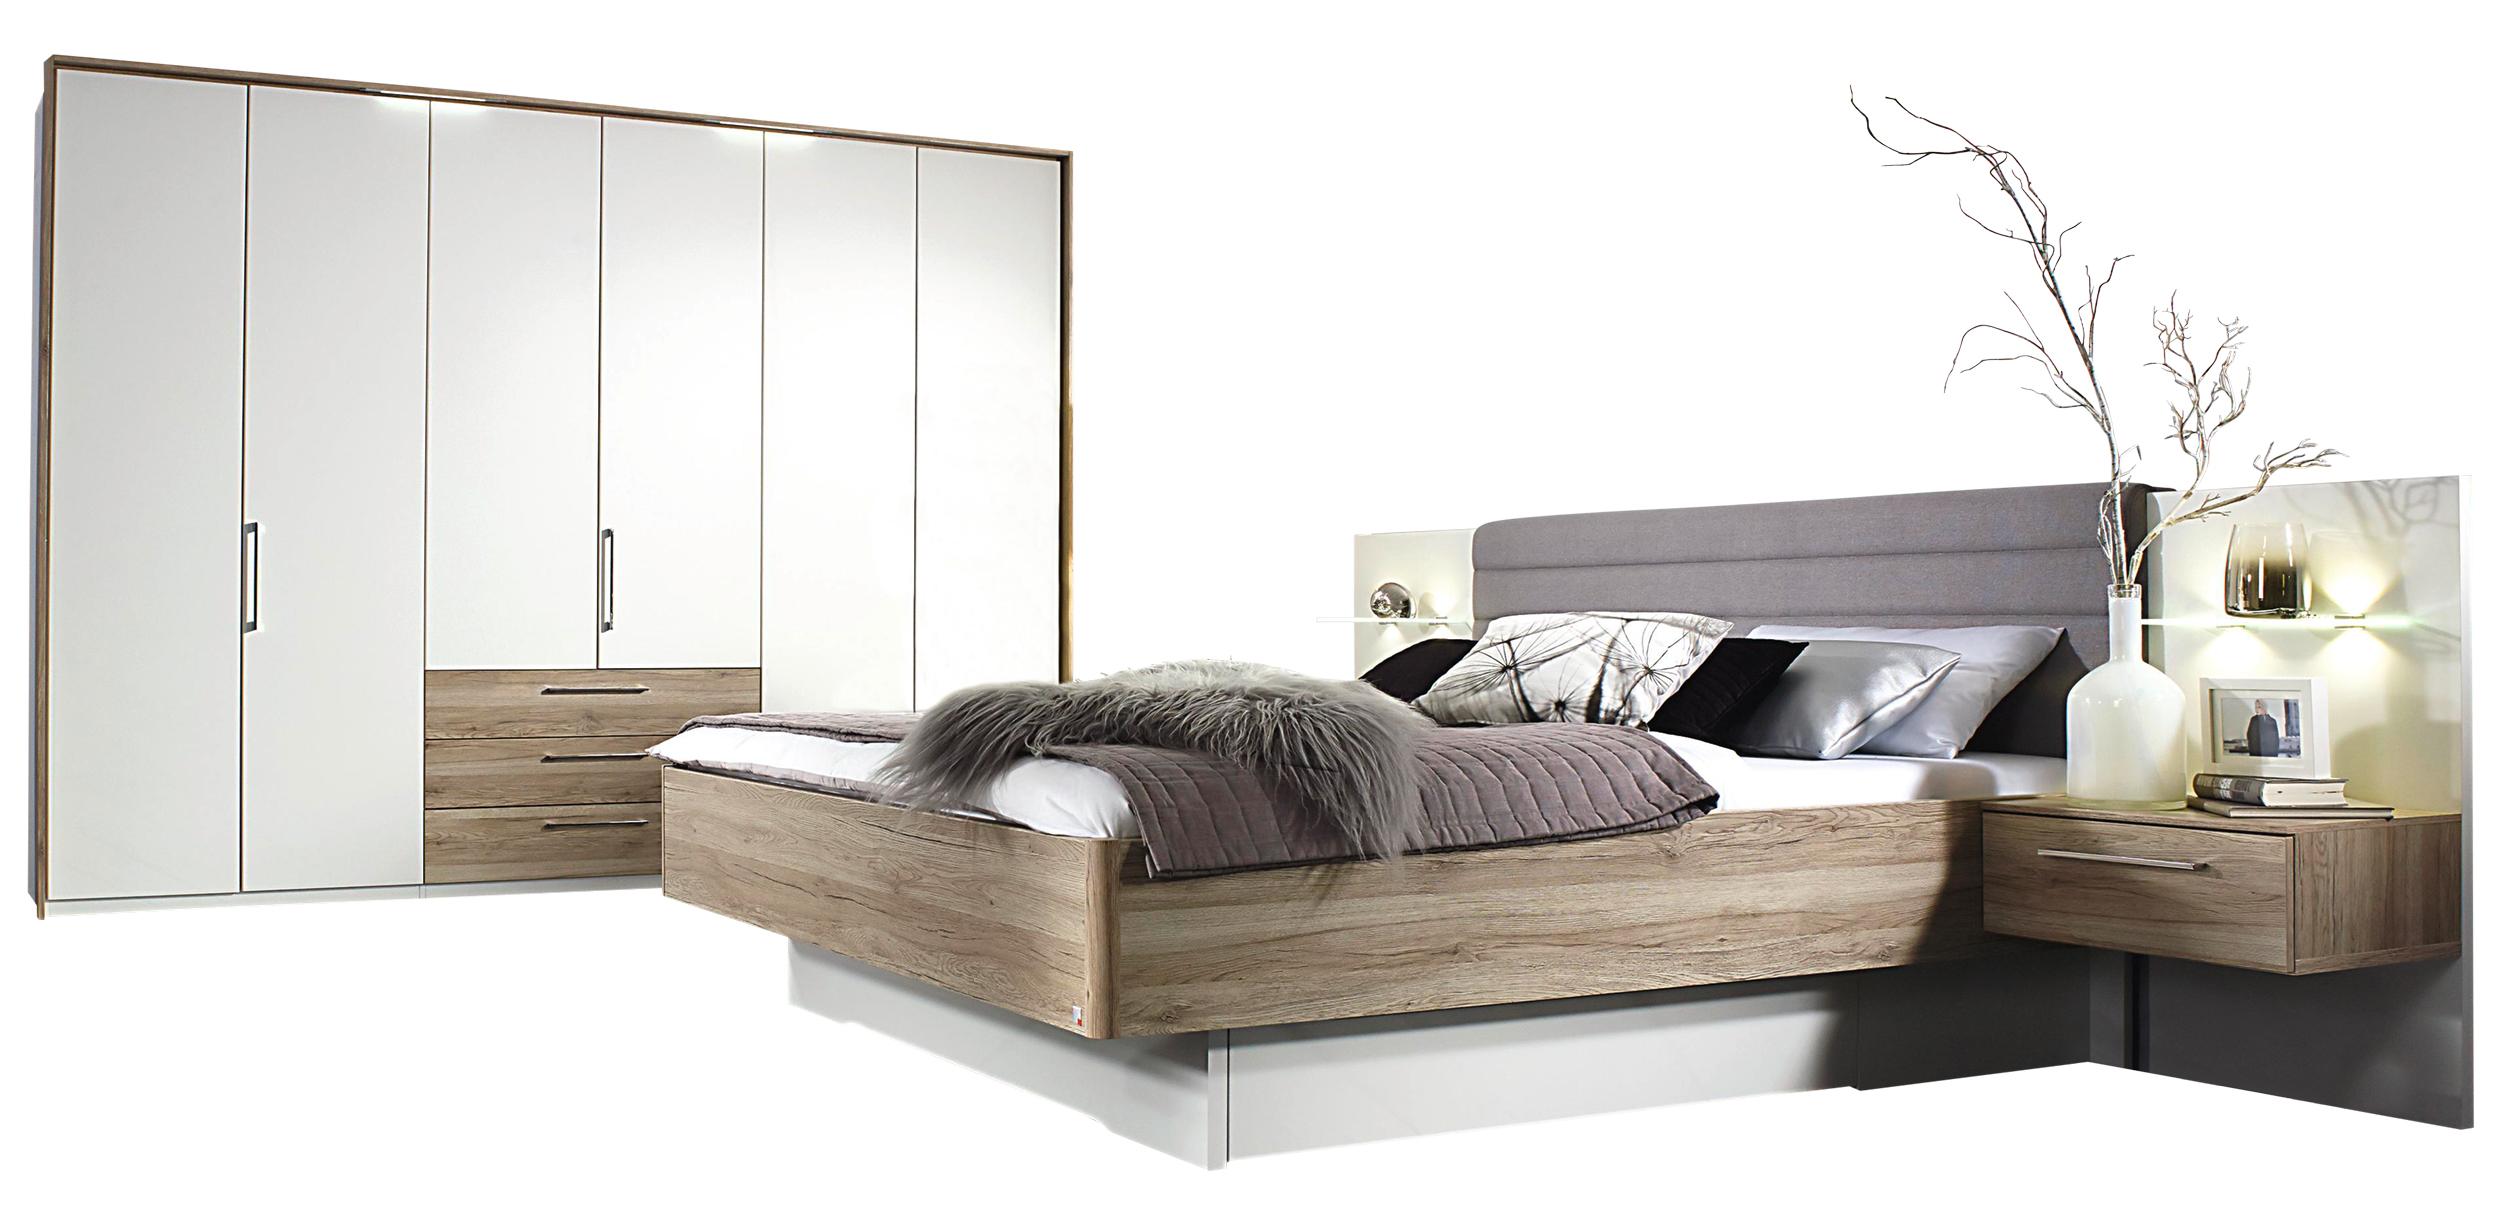 Schlafzimmer in alpinweiss mit Absetzung Eiche   Möbelhaus Pohl ...